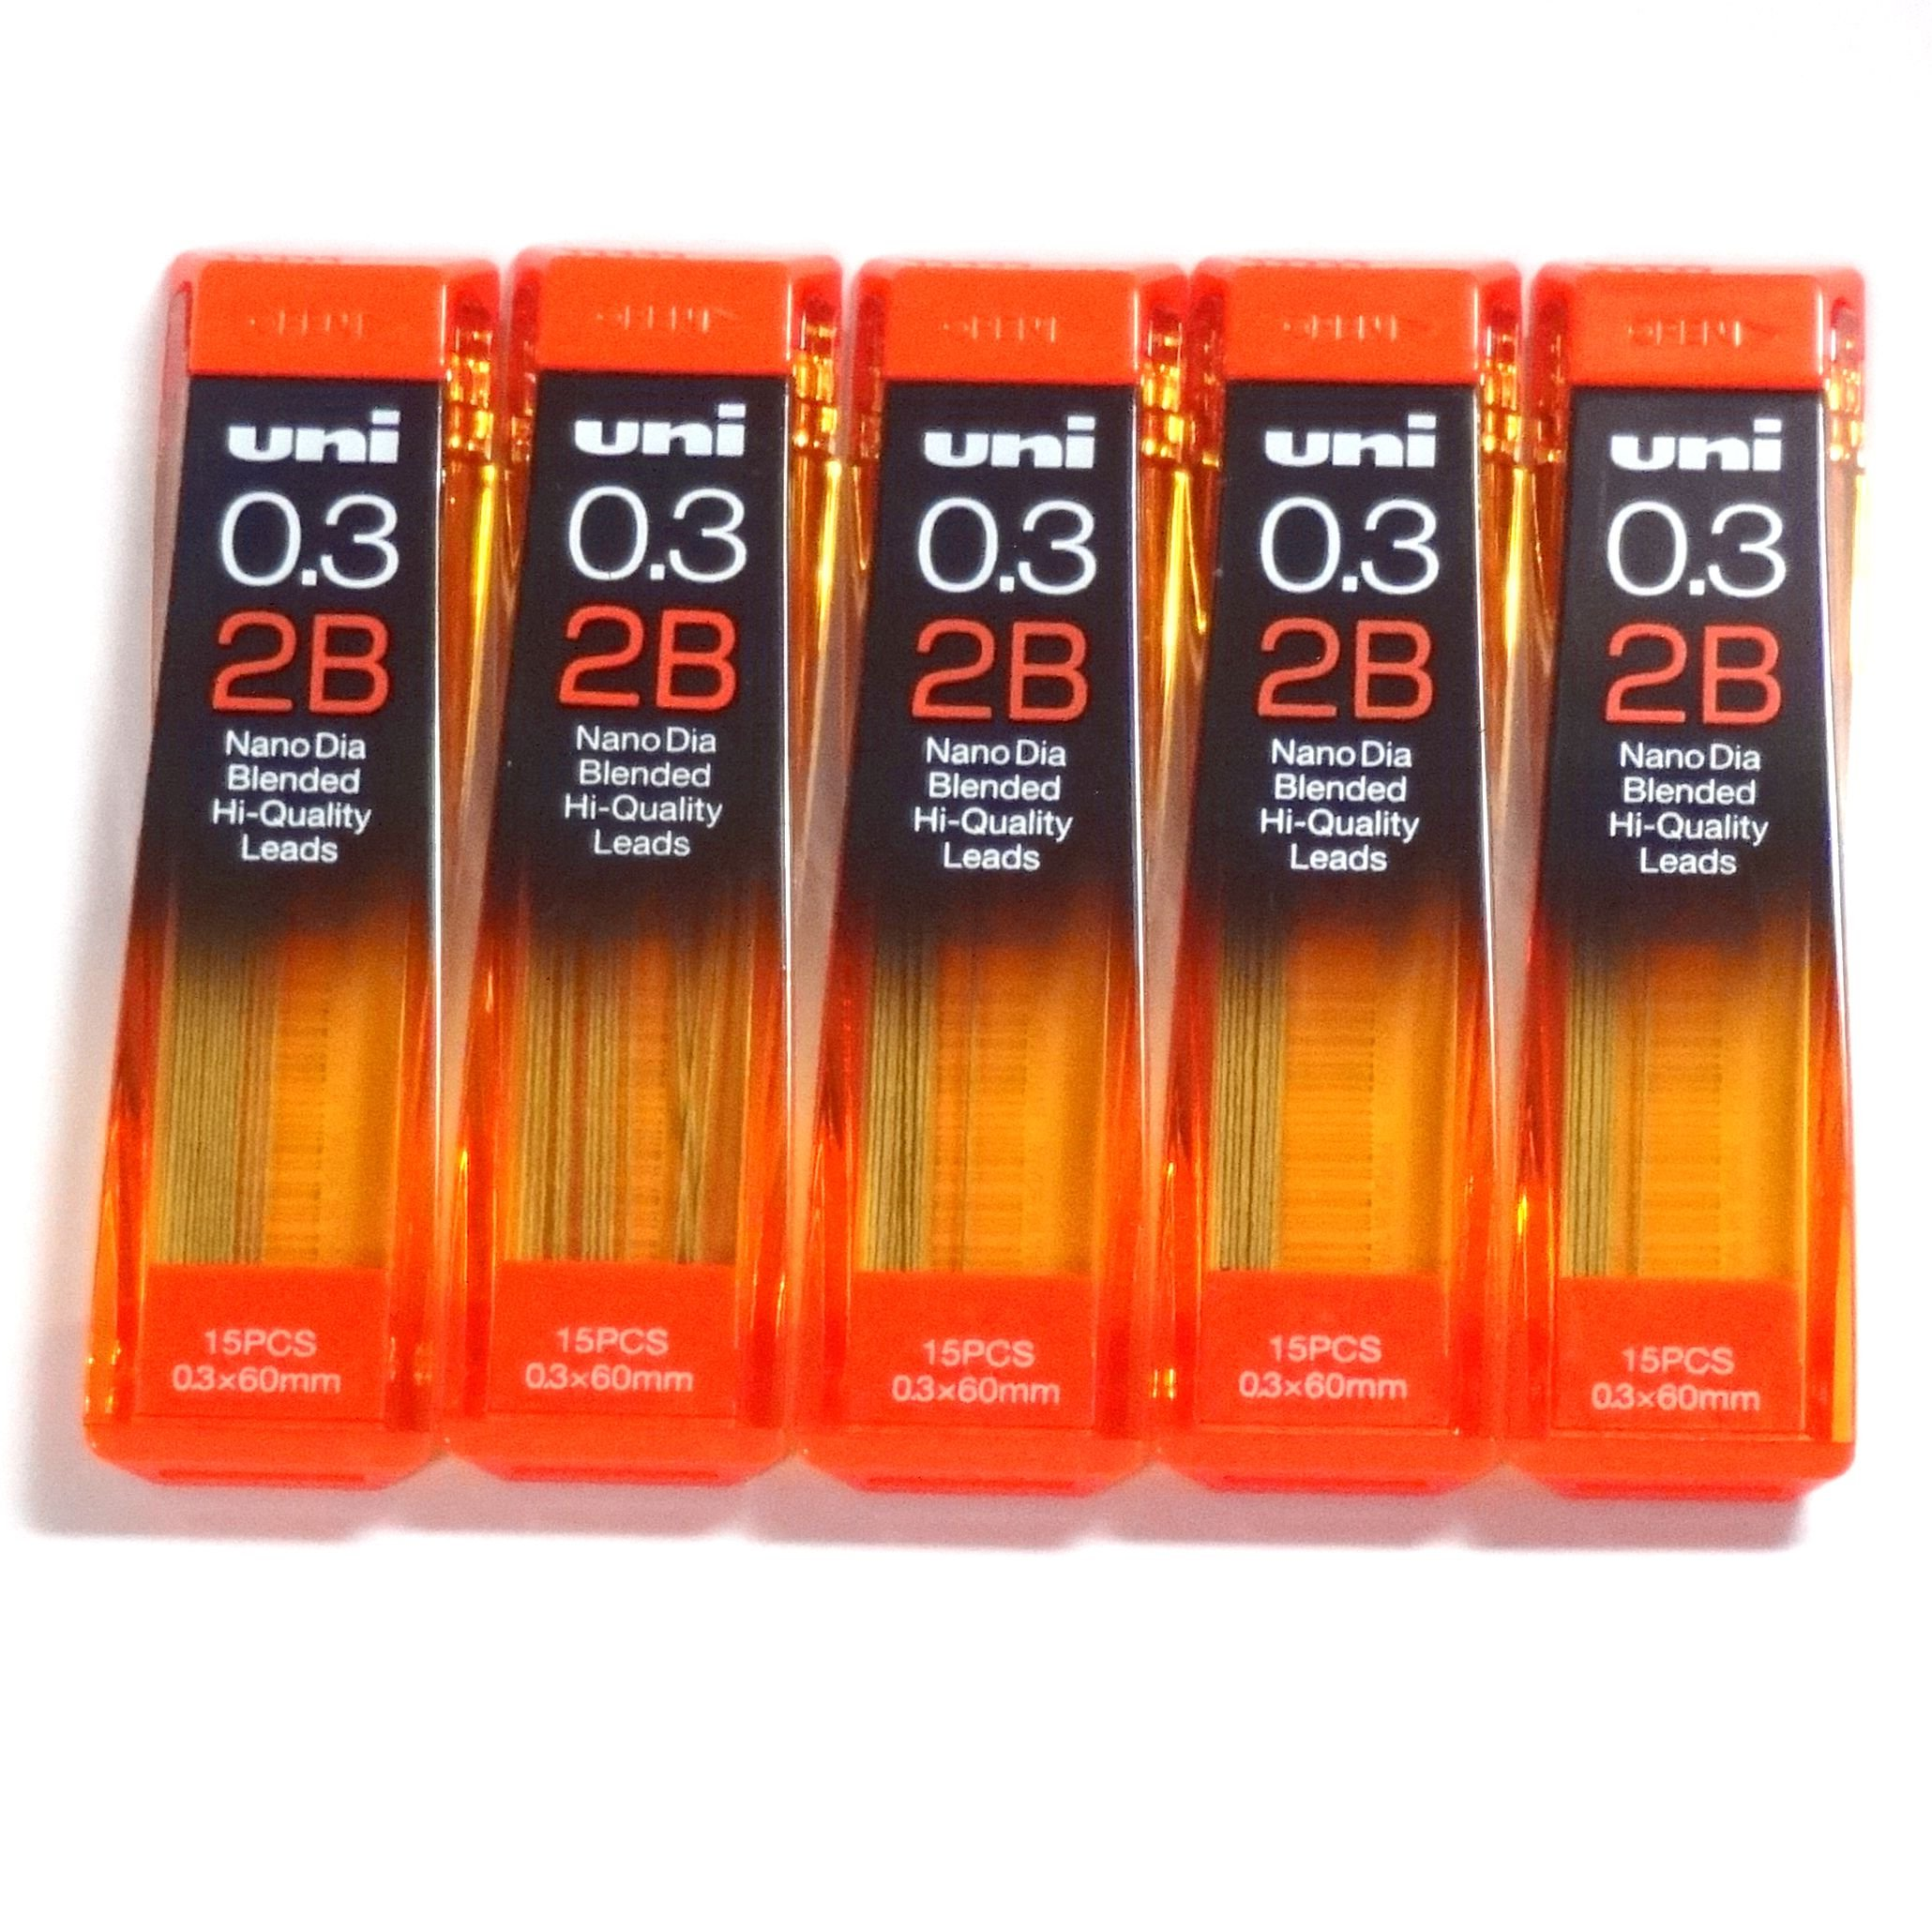 Uni NanoDia 75 Minas (5 Tubos) 0.3mm 2B